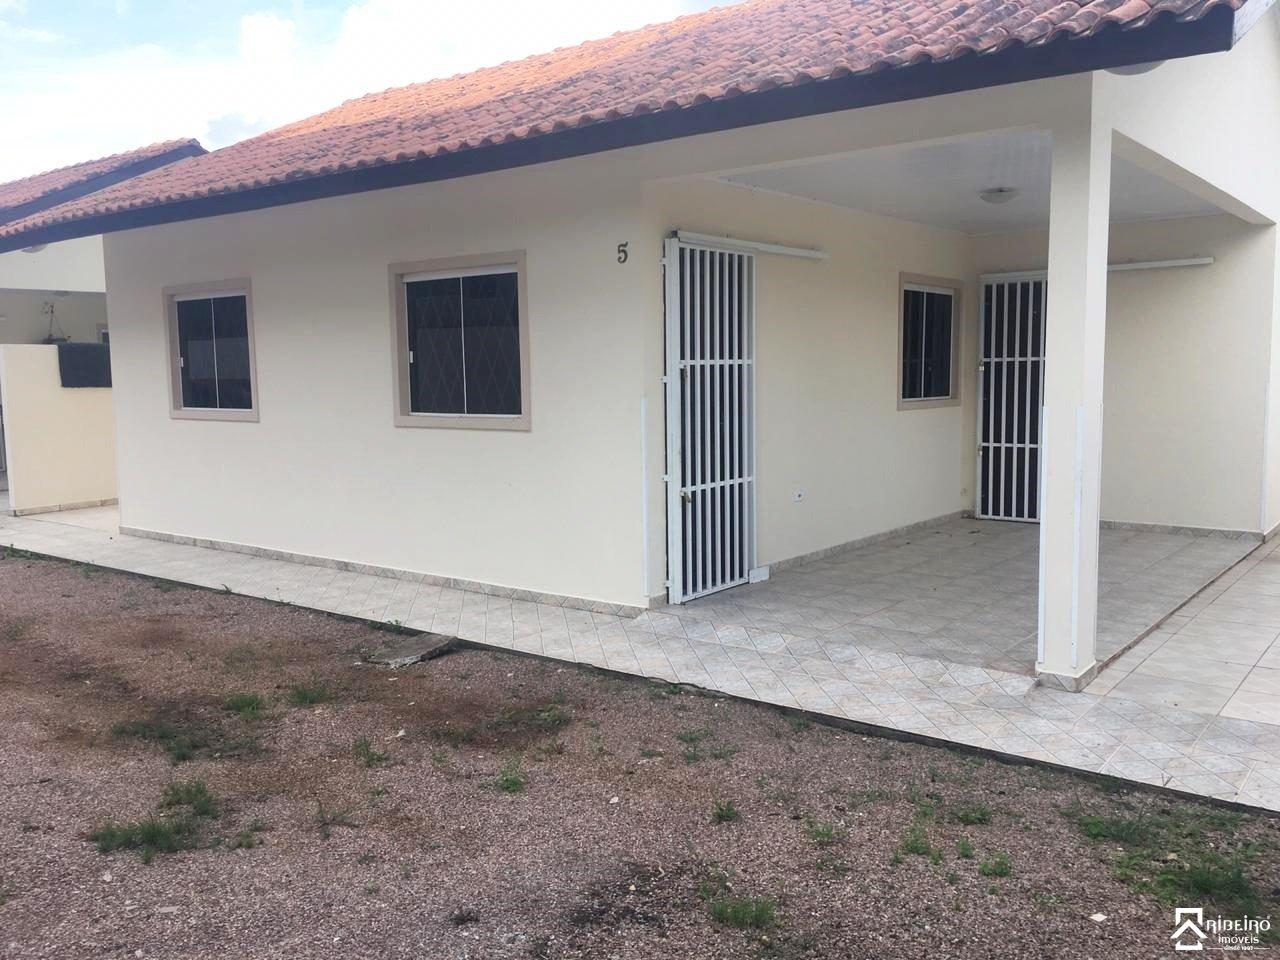 REF. 7563 -  São José Dos Pinhais - Rua  Pedro Pires De Oliveira, 348 - Casa 05